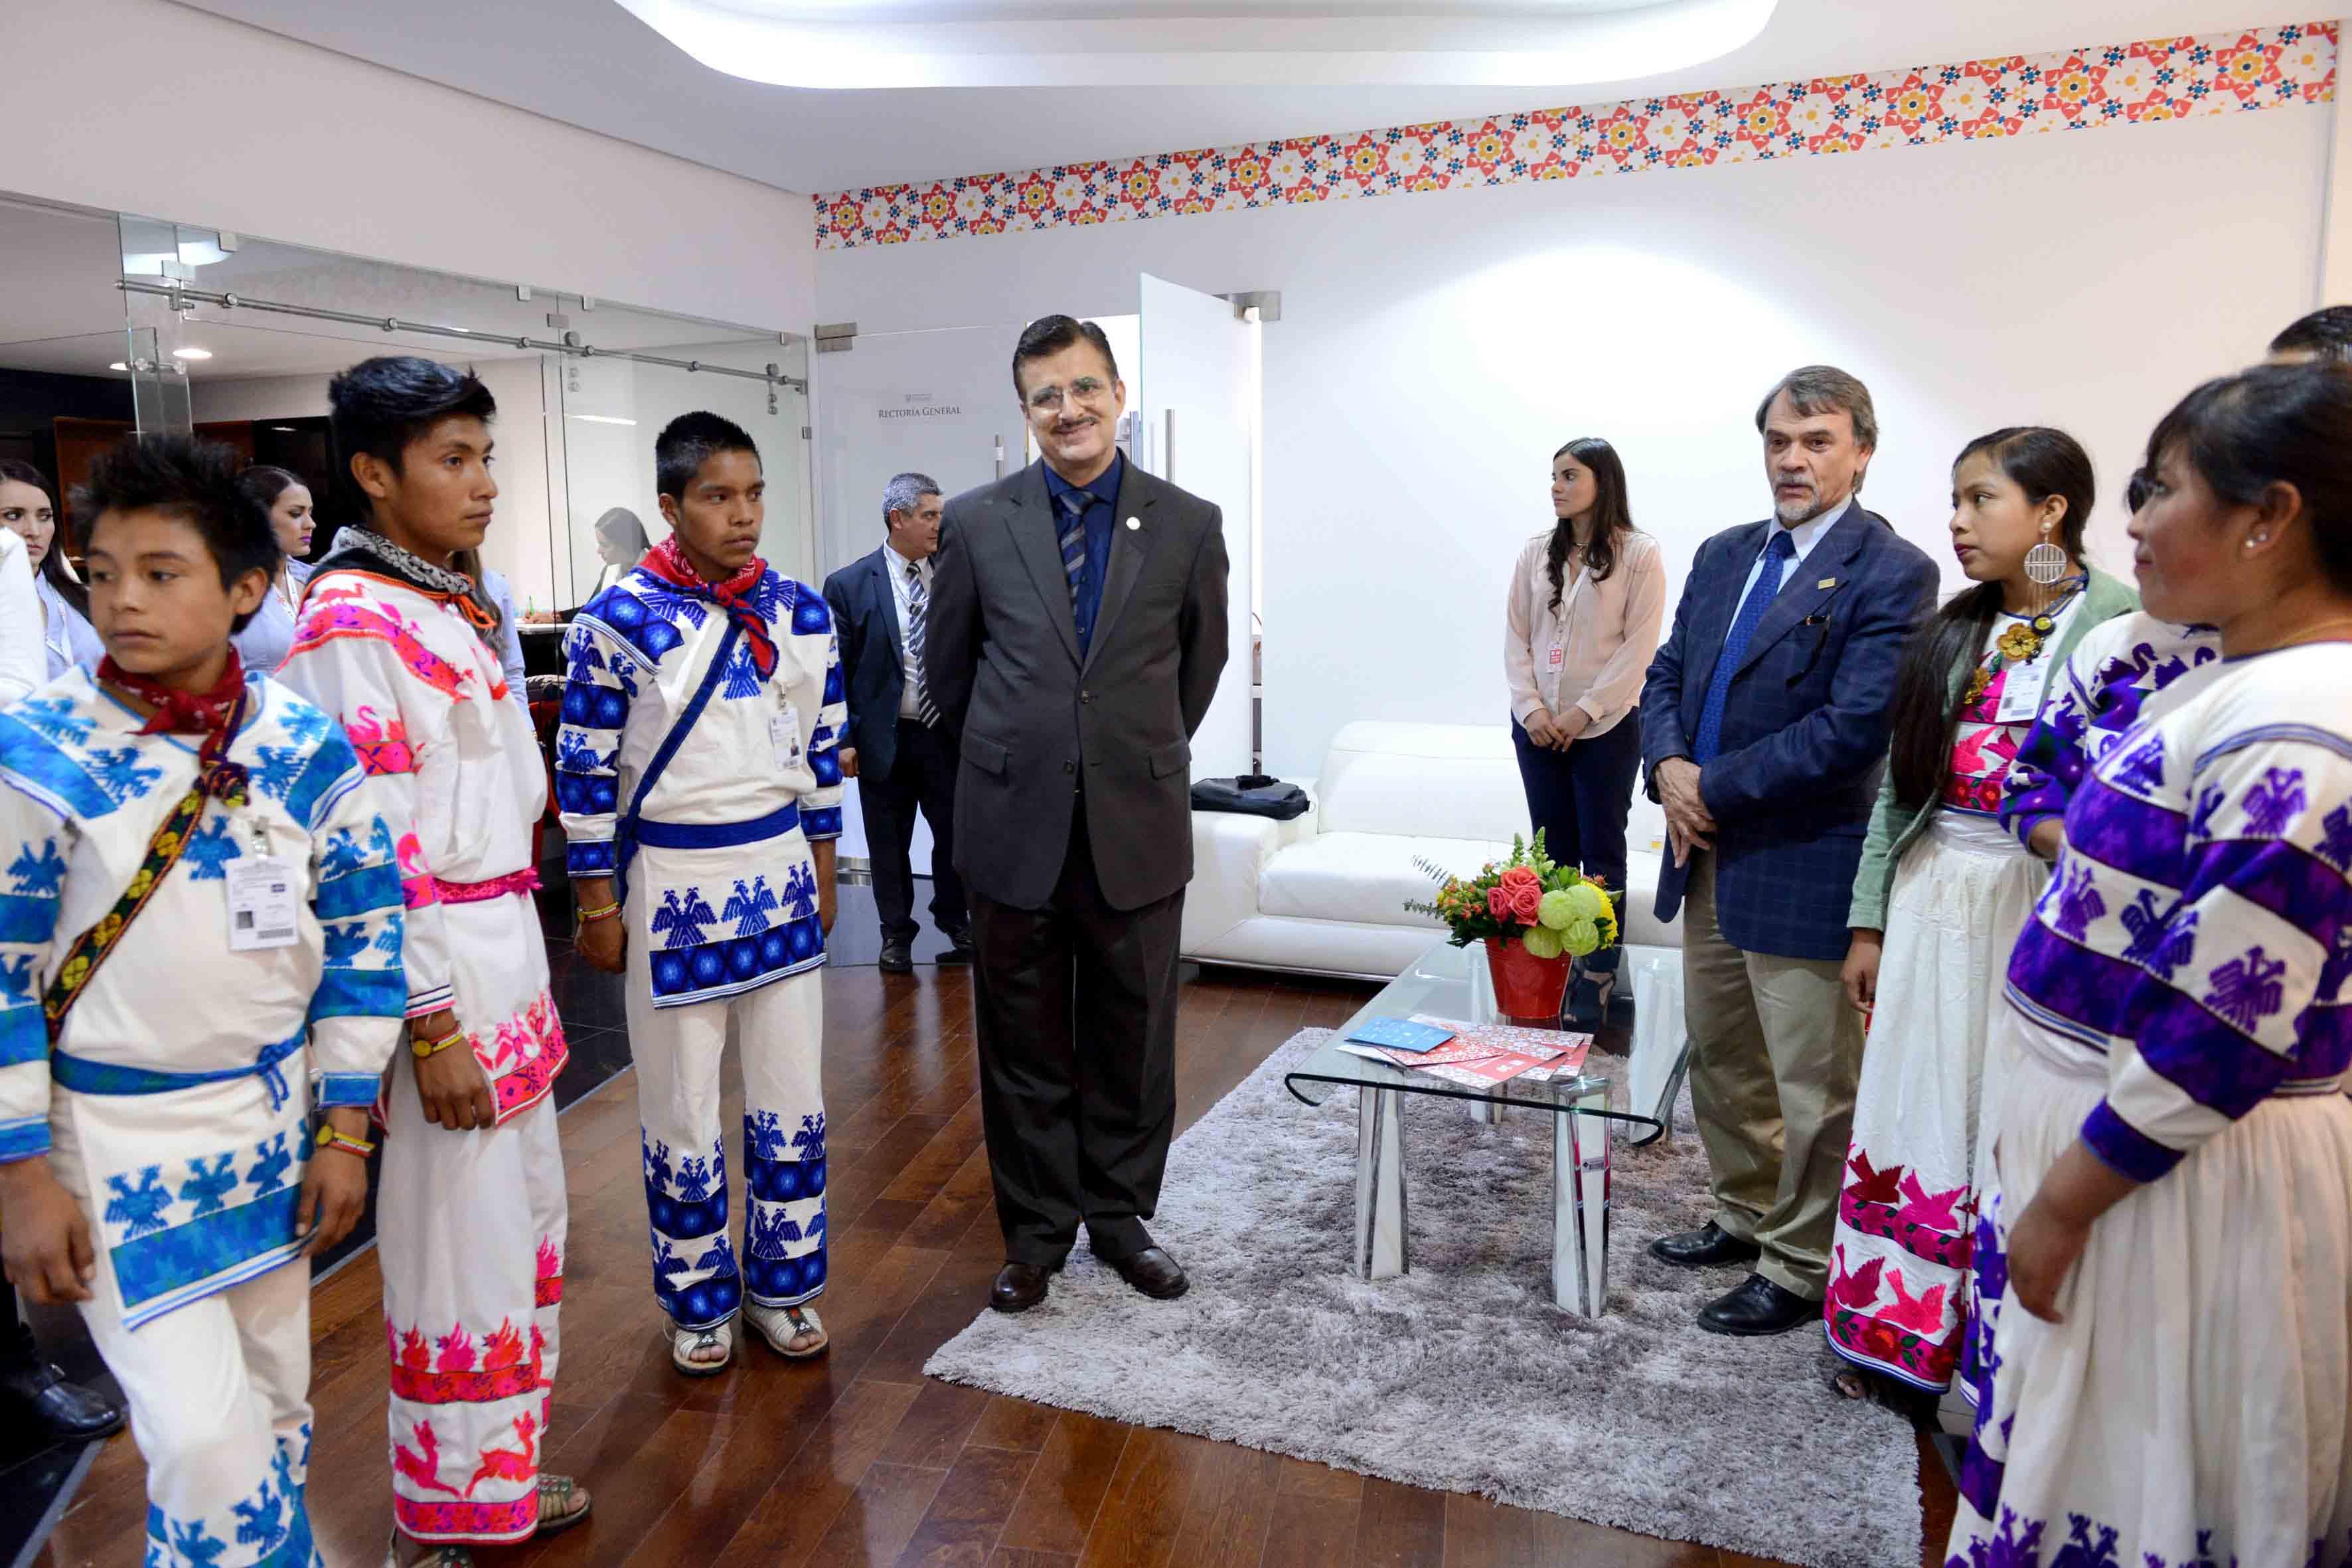 Rector General de la UdeG, maestro Itzcóatl Tonatiuh Bravo Padilla, recibiendo en el Lobby de Rectoría General a jóvenes de las comunidades Wixaritari